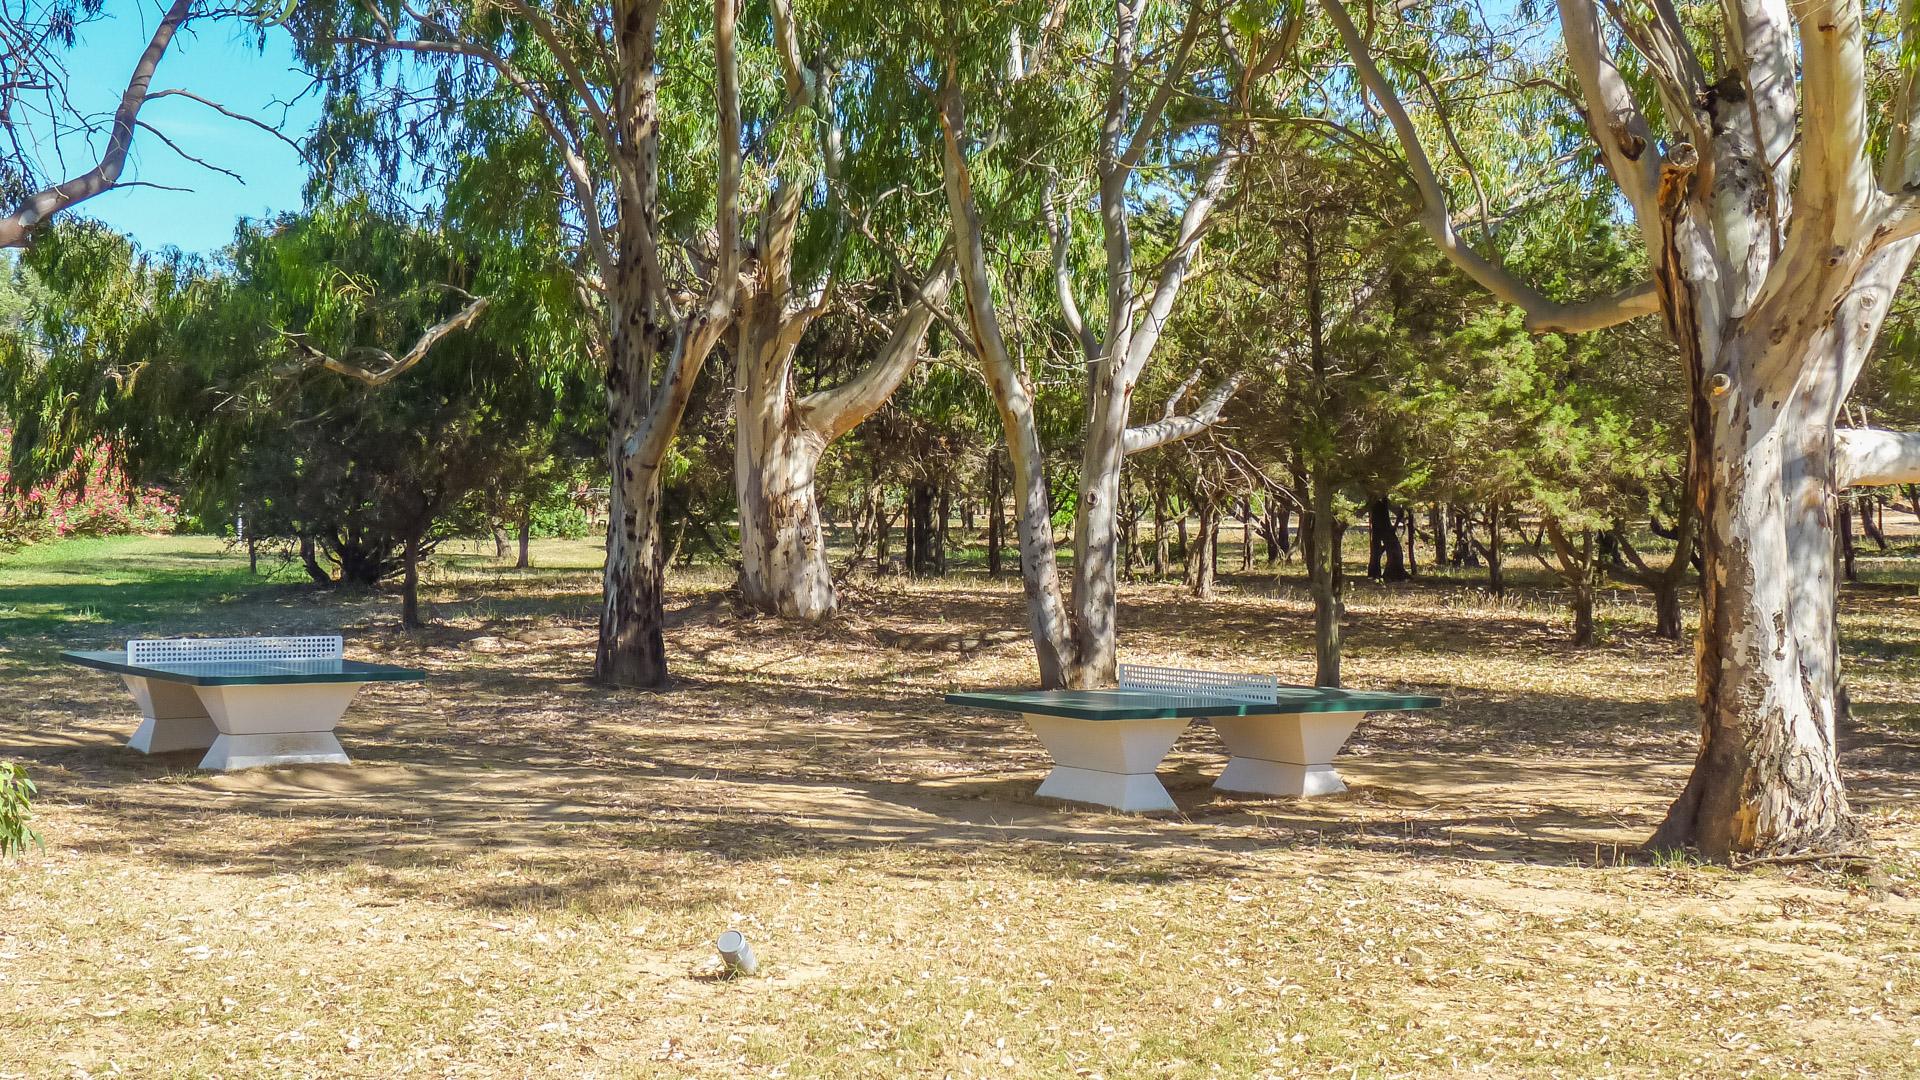 Camping La Chiappa